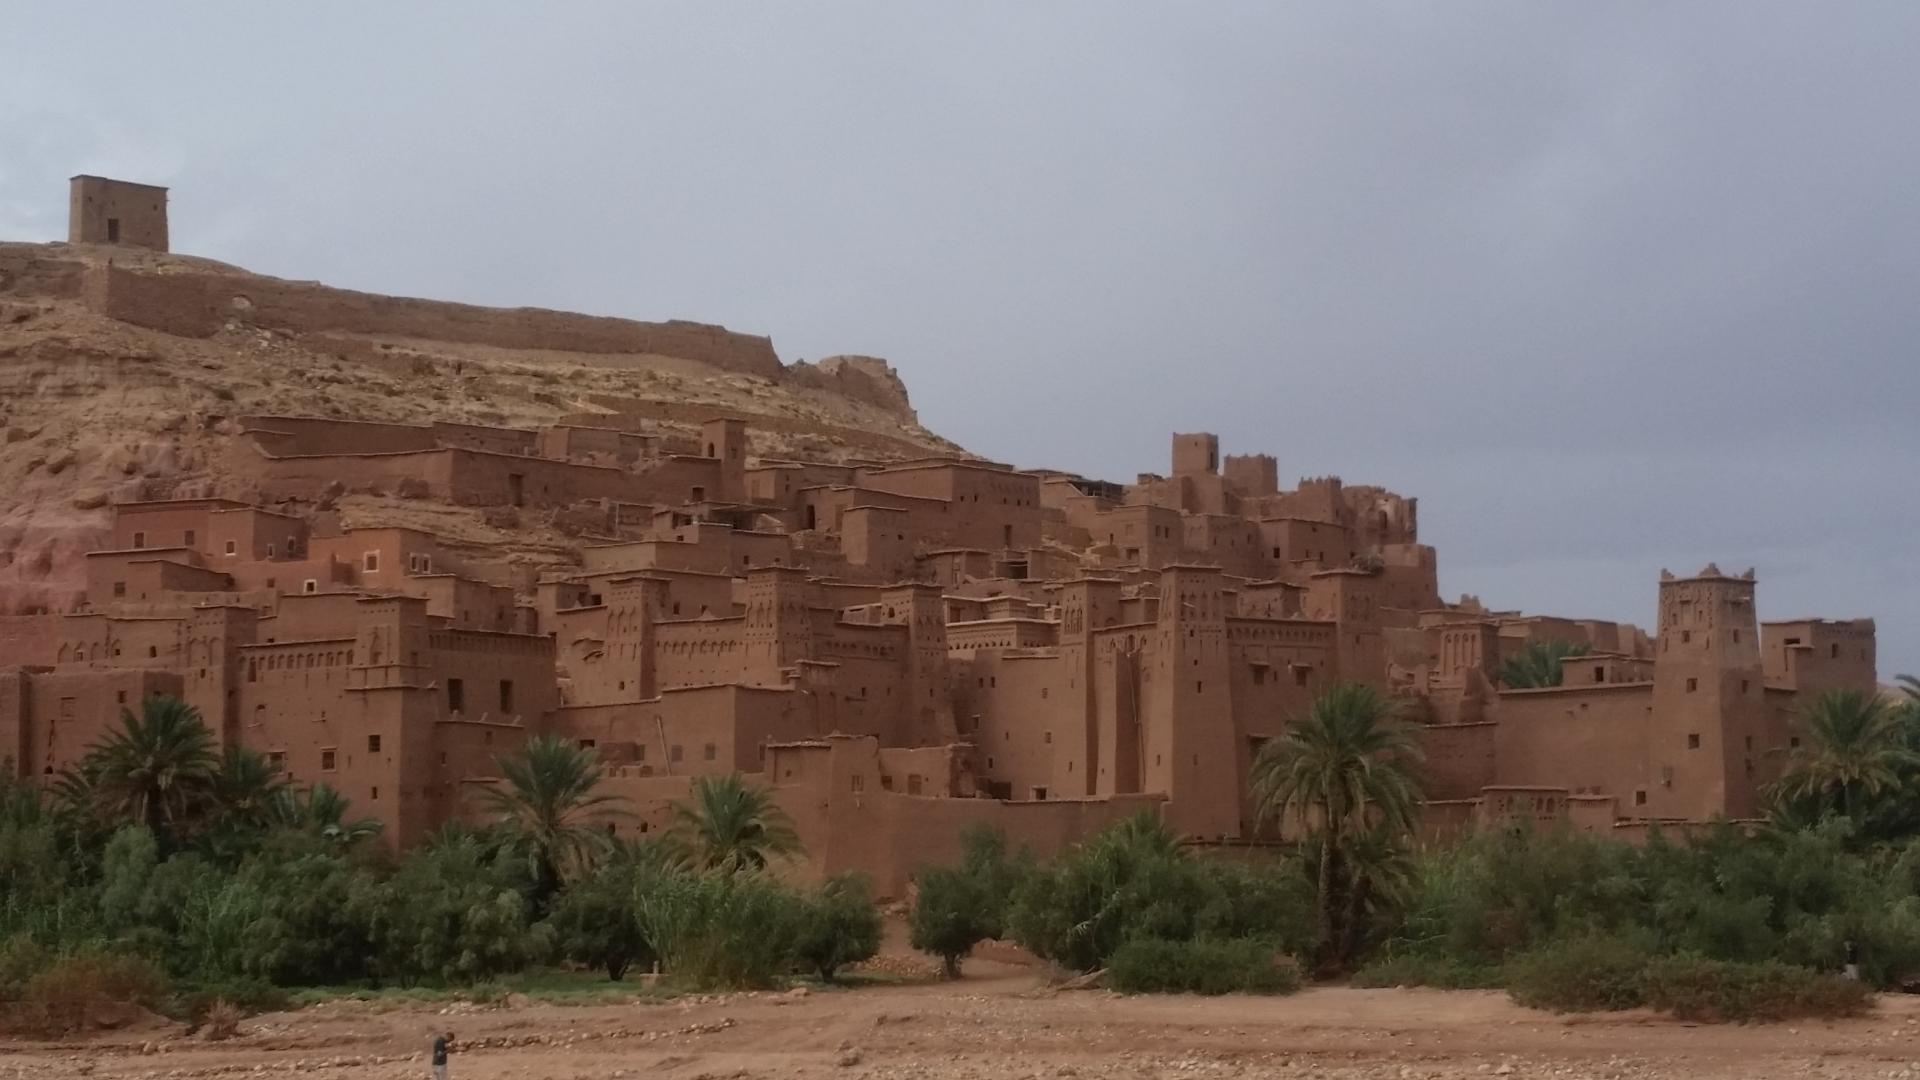 Mon itinéraire Maroc (12 jours)